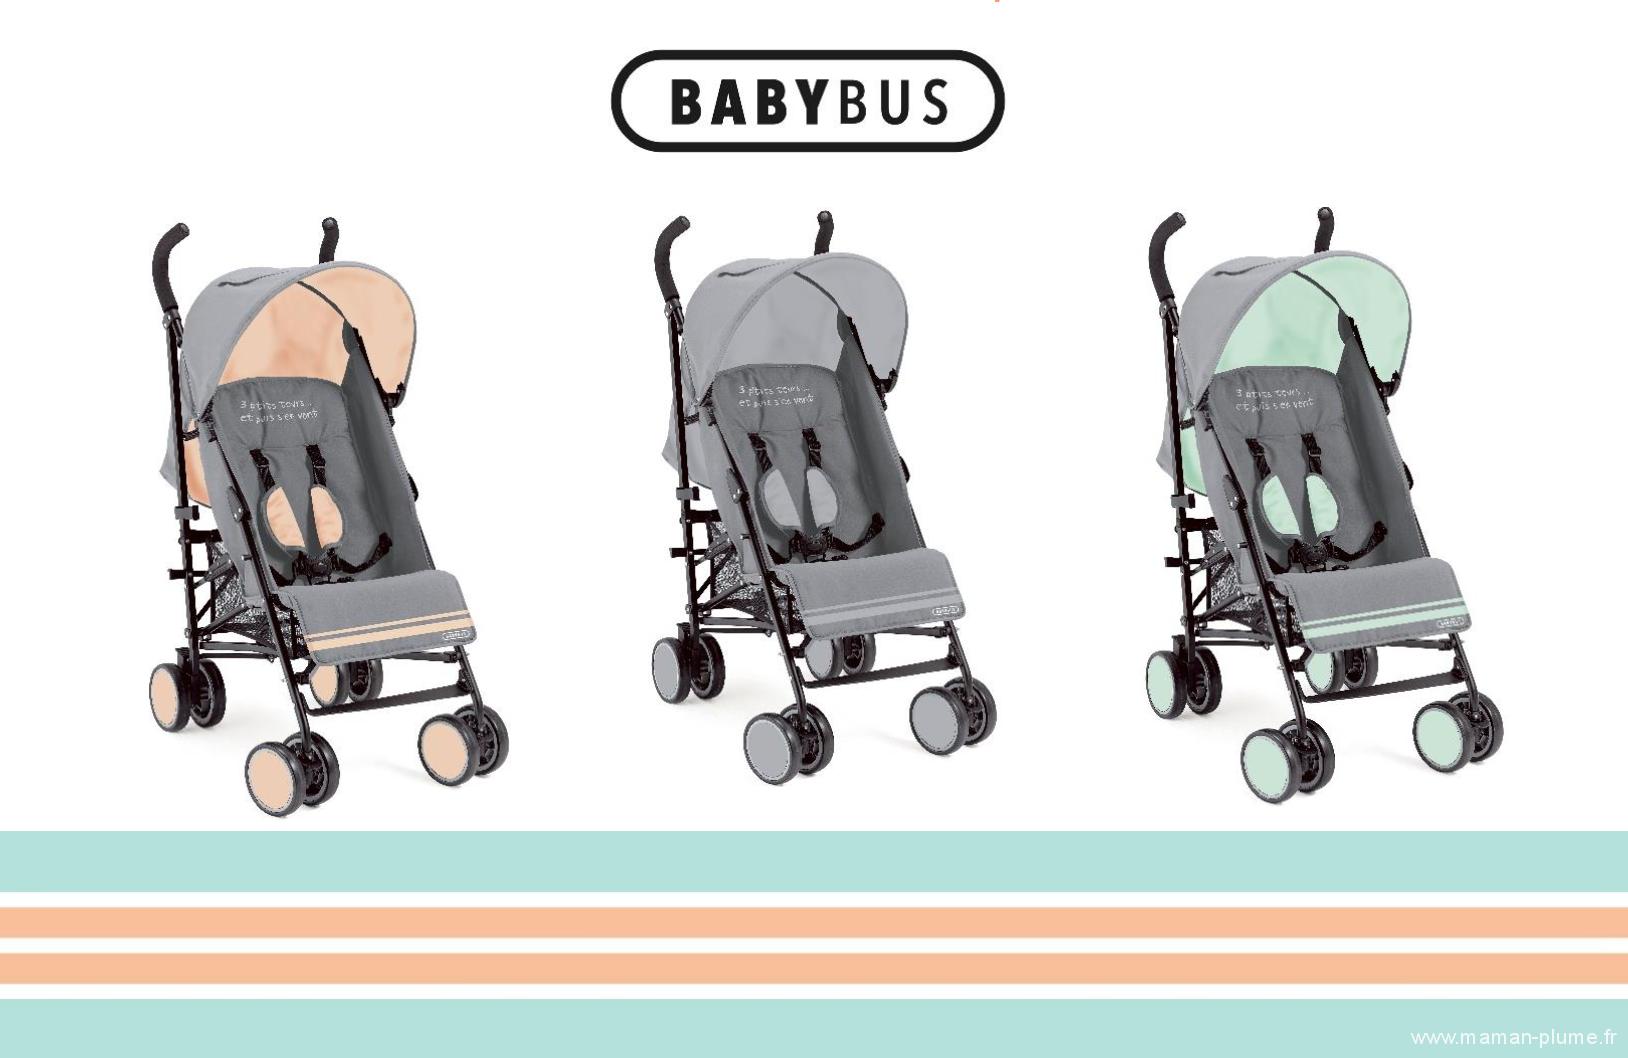 Les nouvelles poussettes canne diabolo de babybus le for Autour de bebe portet